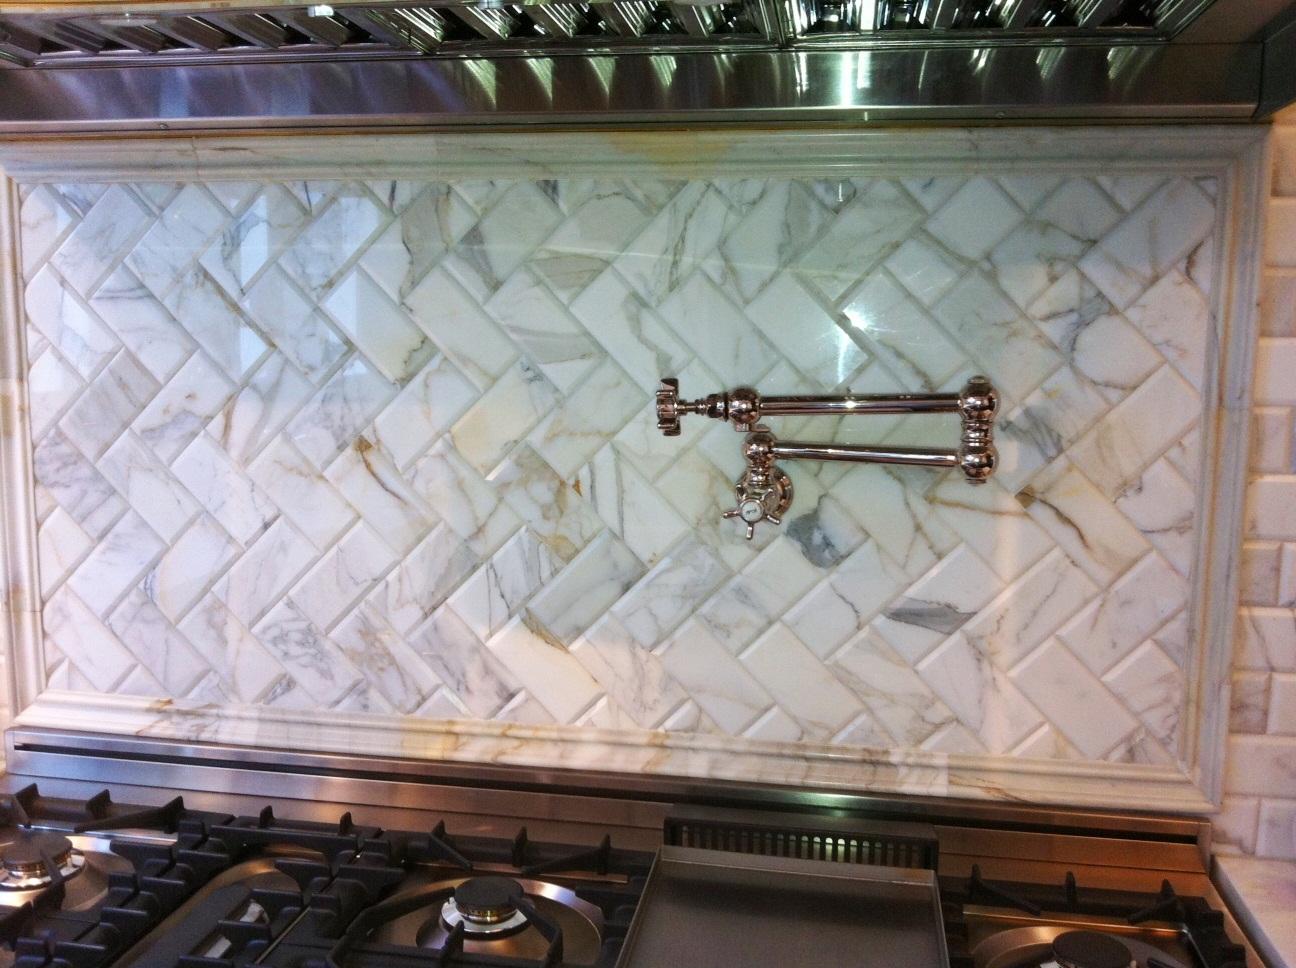 Backsplash tile patterns